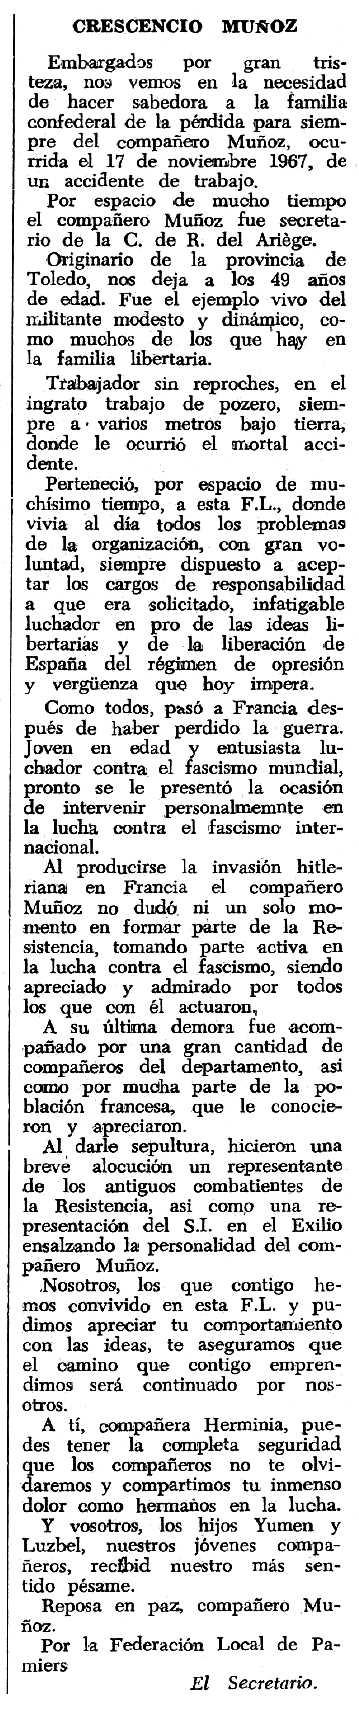 """Necrològica de Crescencio Muñoz Hernández apareguda en el periòdic tolosà """"Espoir"""" del 19 de novembre de 1967"""